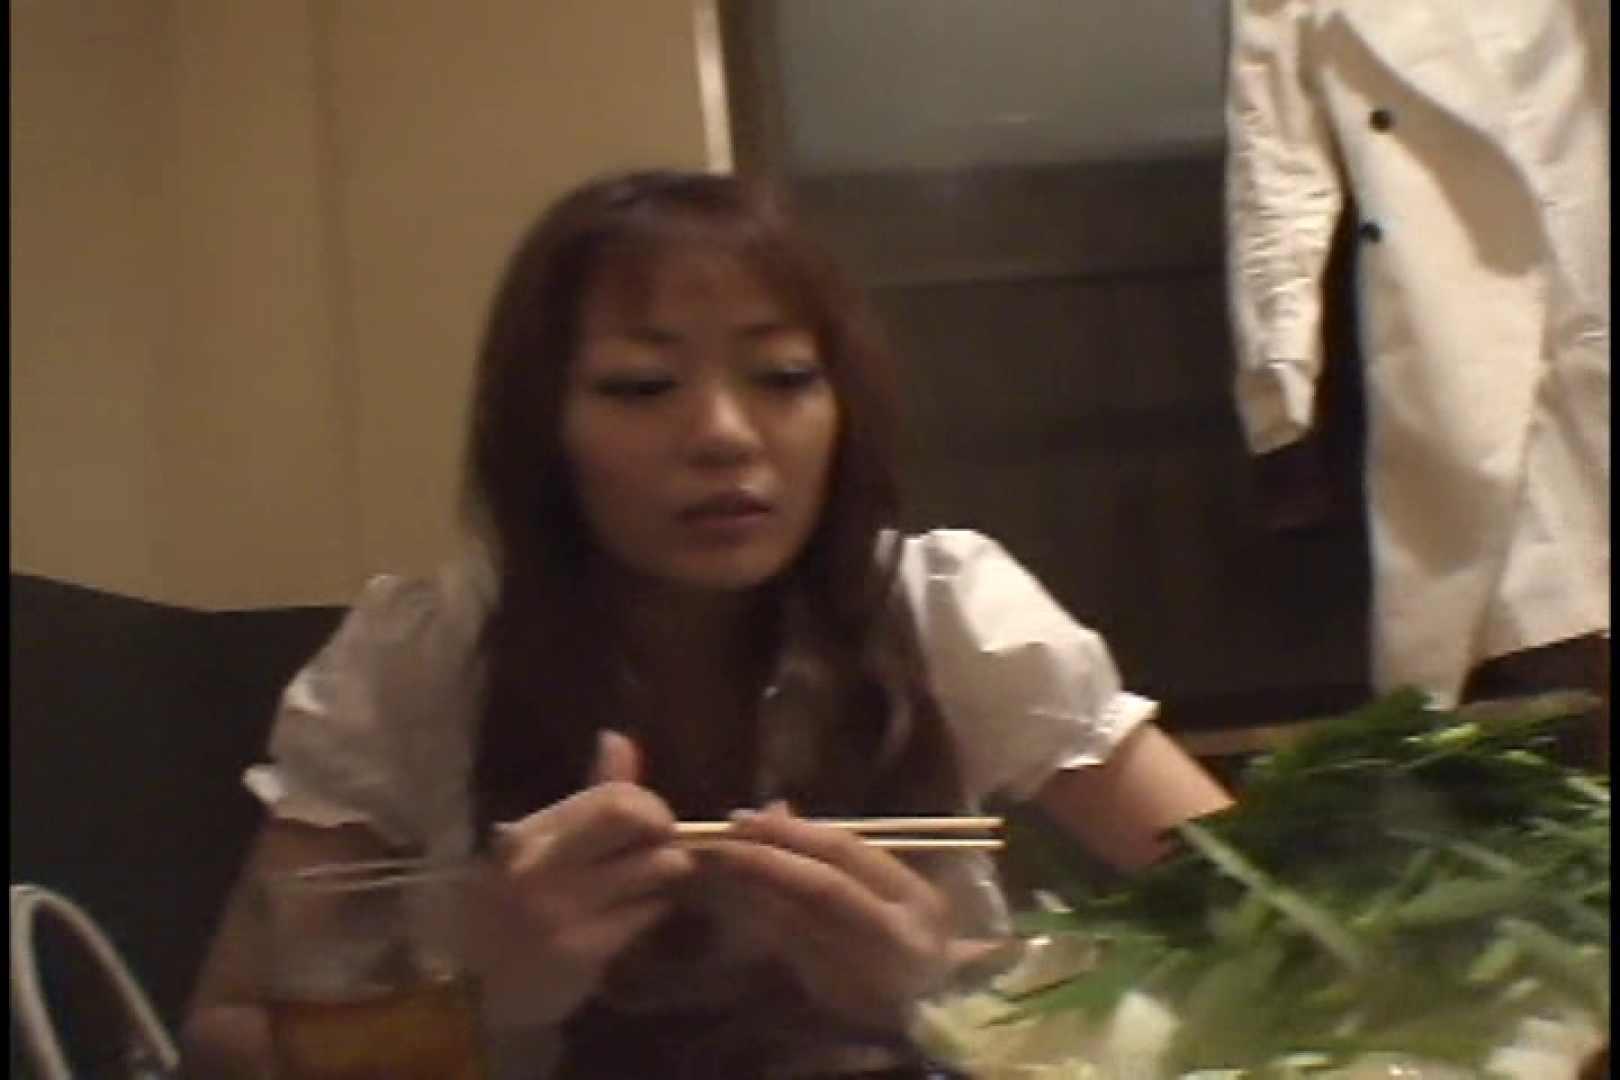 JDハンター全国ツアー vol.001 後編 エロい女子大生 | 0  9枚 1